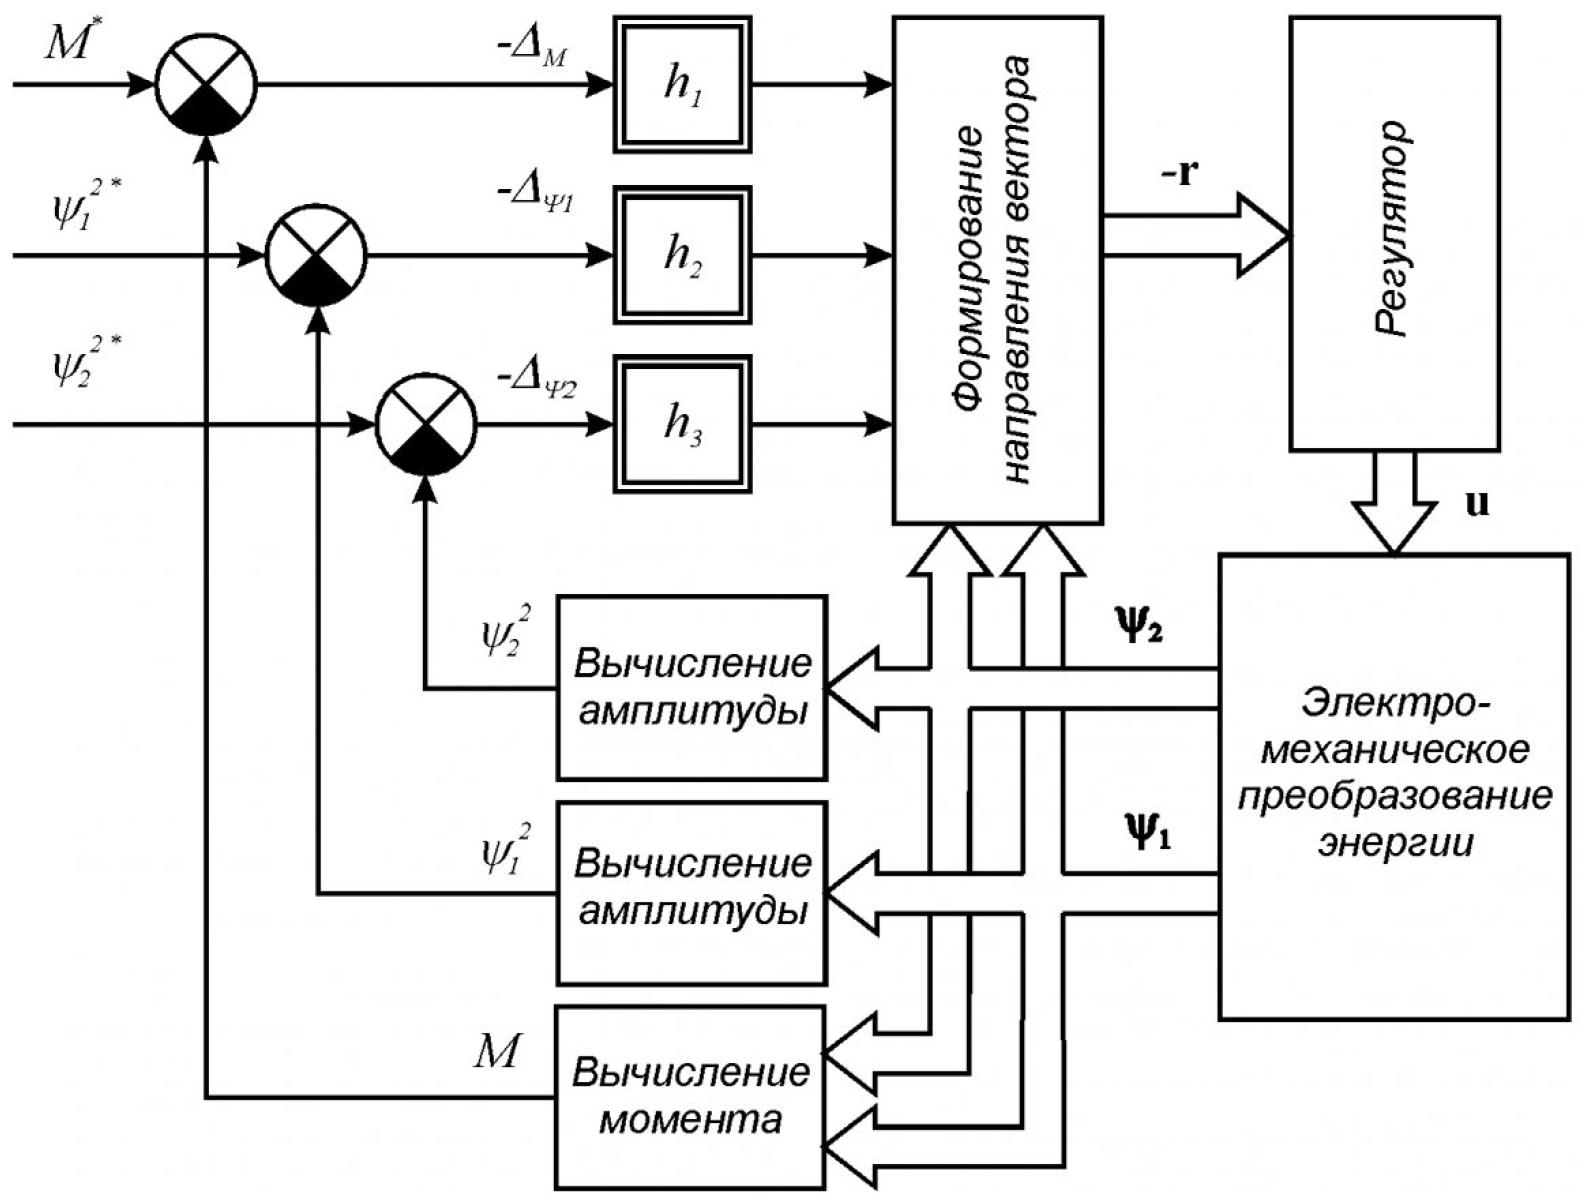 Градиентное управление в решении основных задач электропривода 10